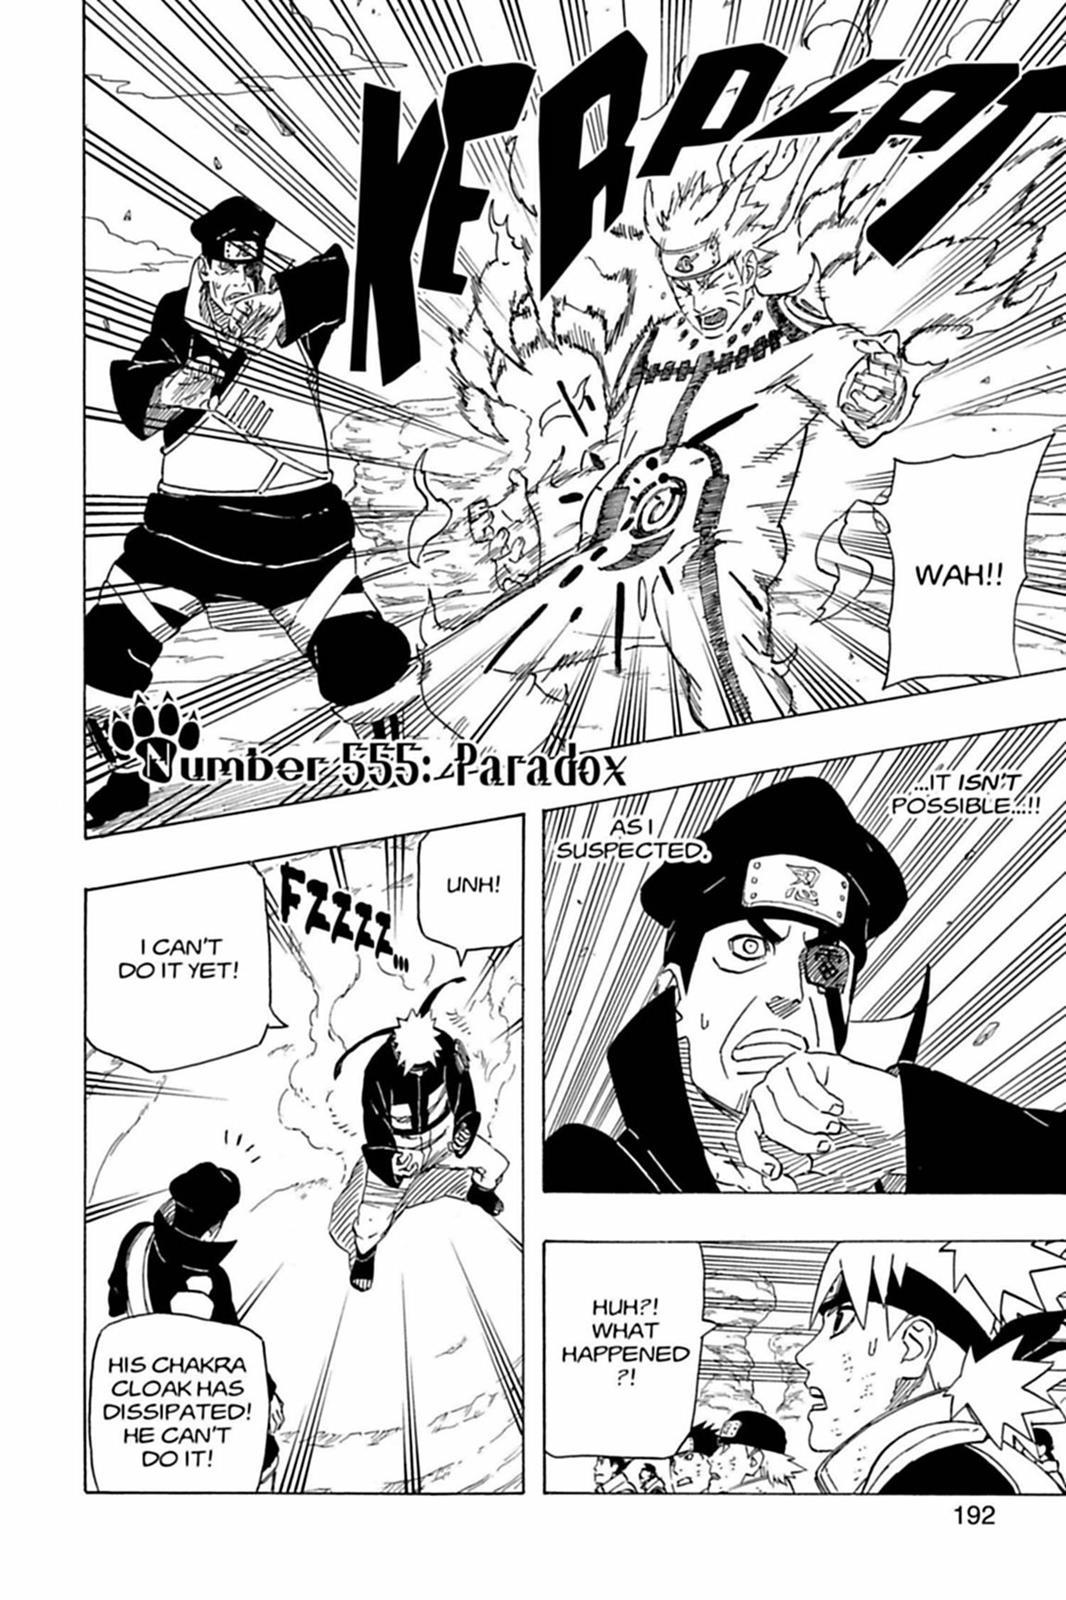 Itachi vs Killer Bee: Destrinchando a luta! - Página 3 0555-002